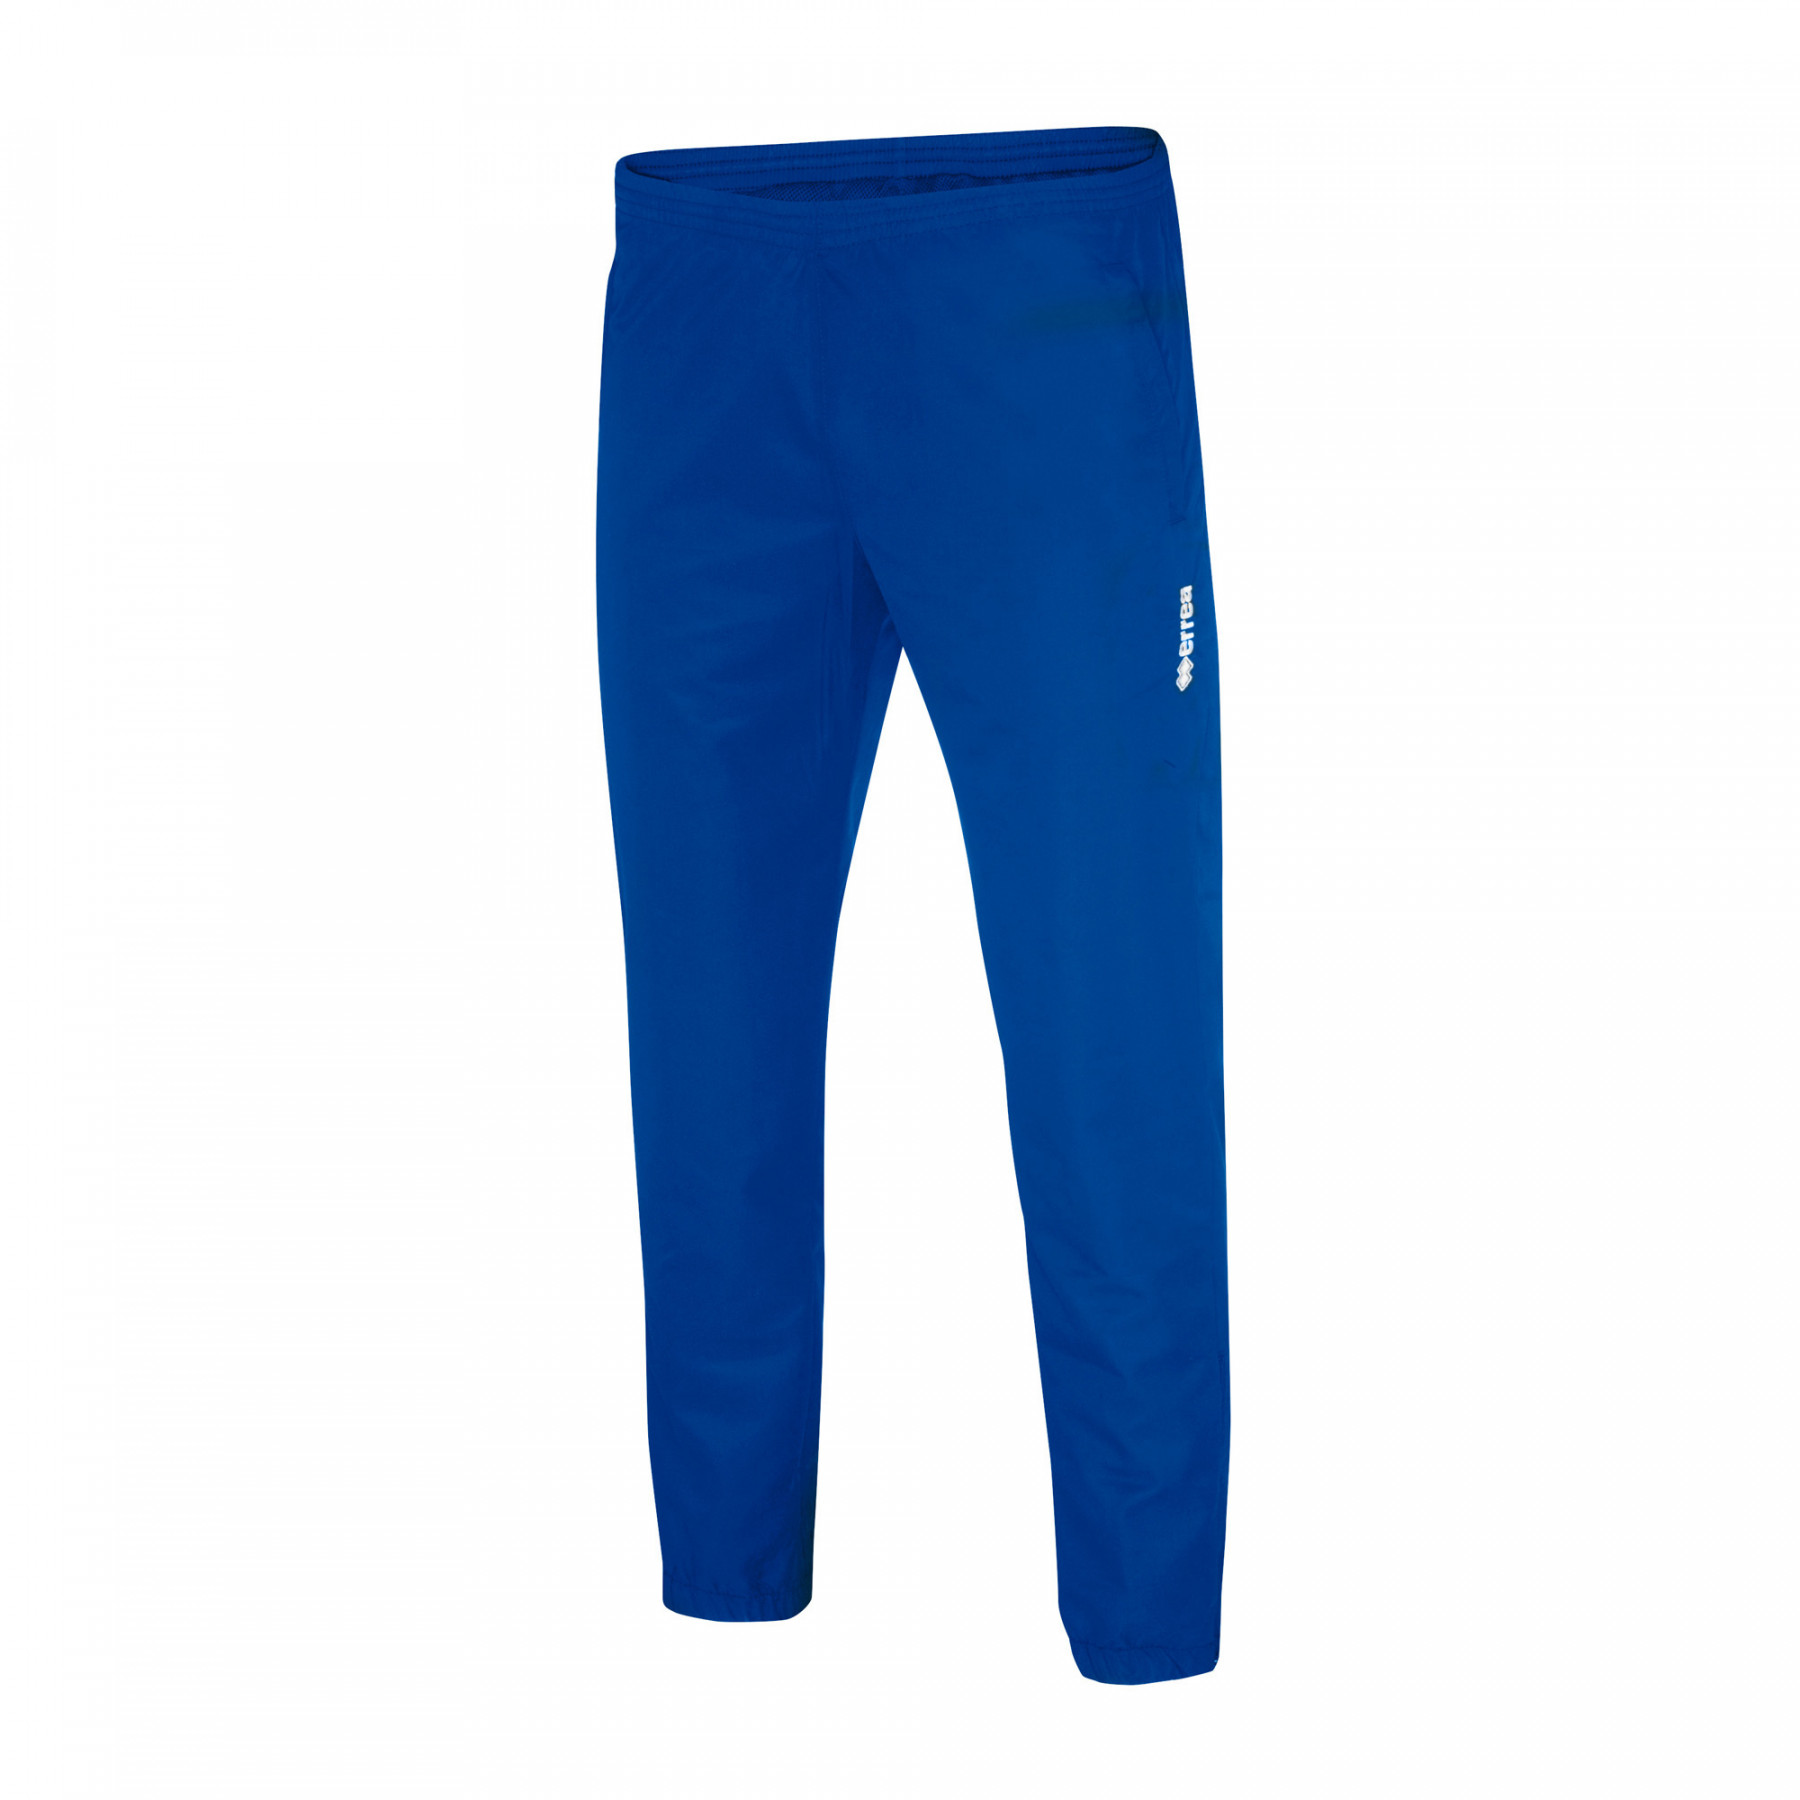 15_d505_bleu--0-0--e1fa639e-3c48-4f8a-ad42-82b2a9bf04be